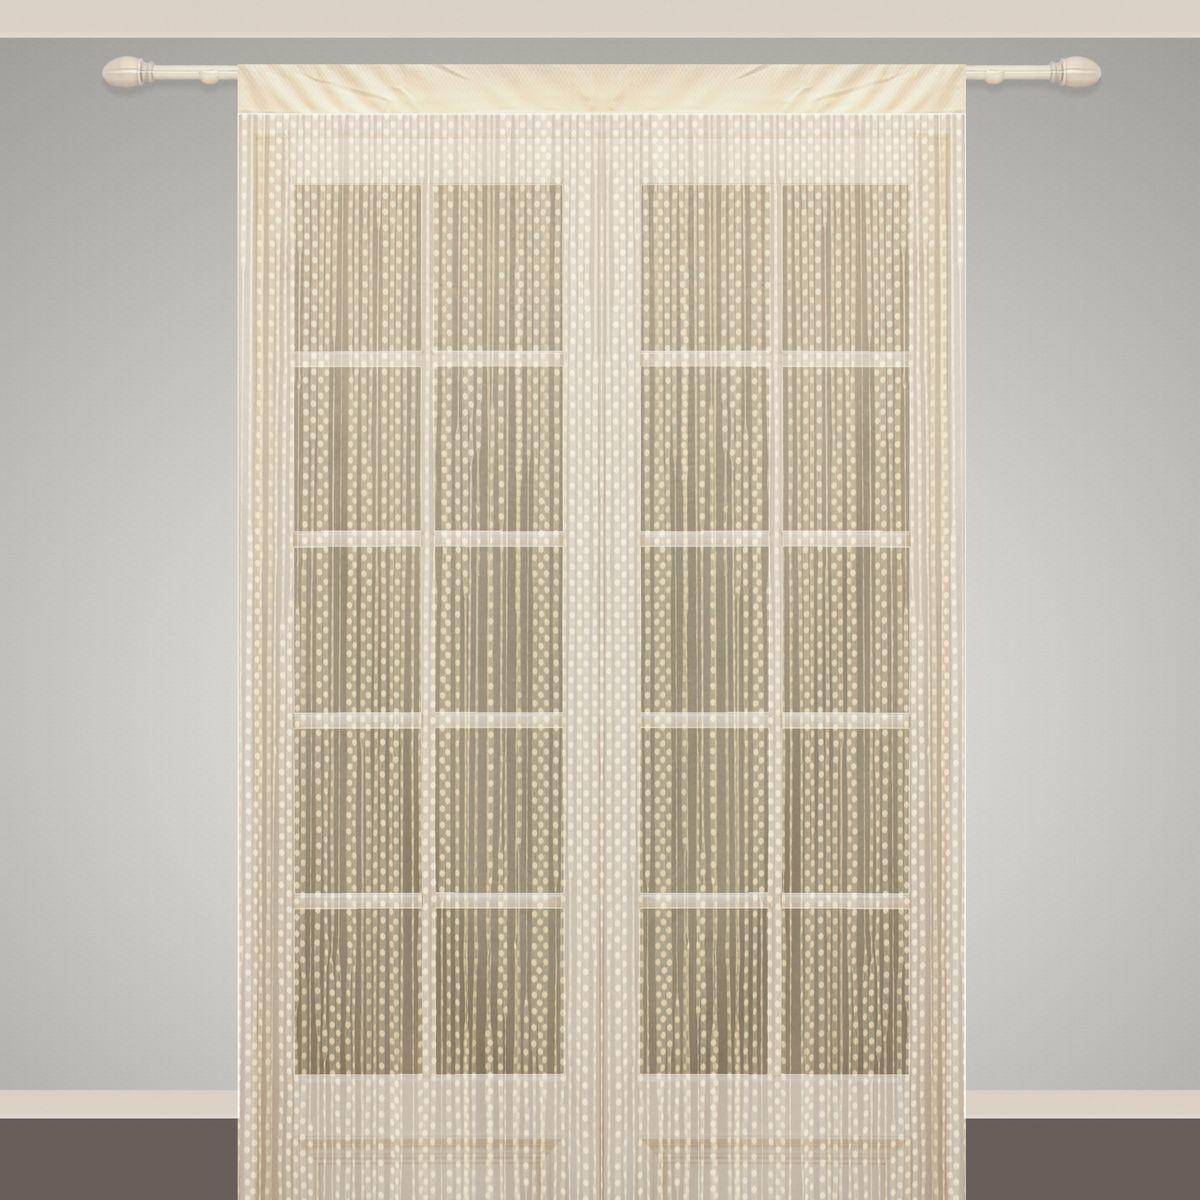 Штора нитяная Sanpa Home Collection, на ленте, цвет: бежевый, высота 290 см. SP102SP 102/BEIGE, , 150*290 см